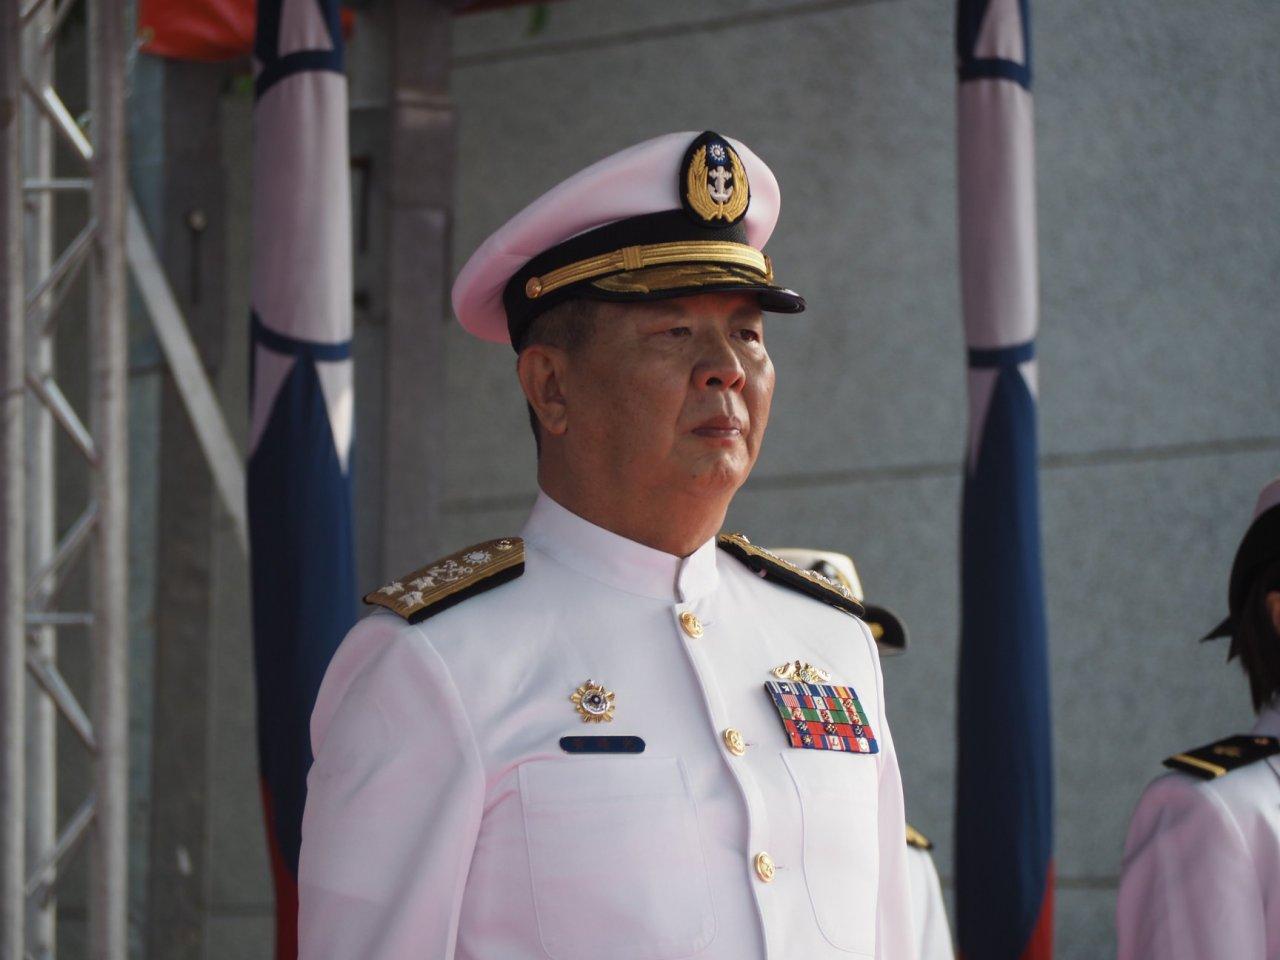 總統任命黃曙光任國安會諮詢委員 胡木源接副秘書長